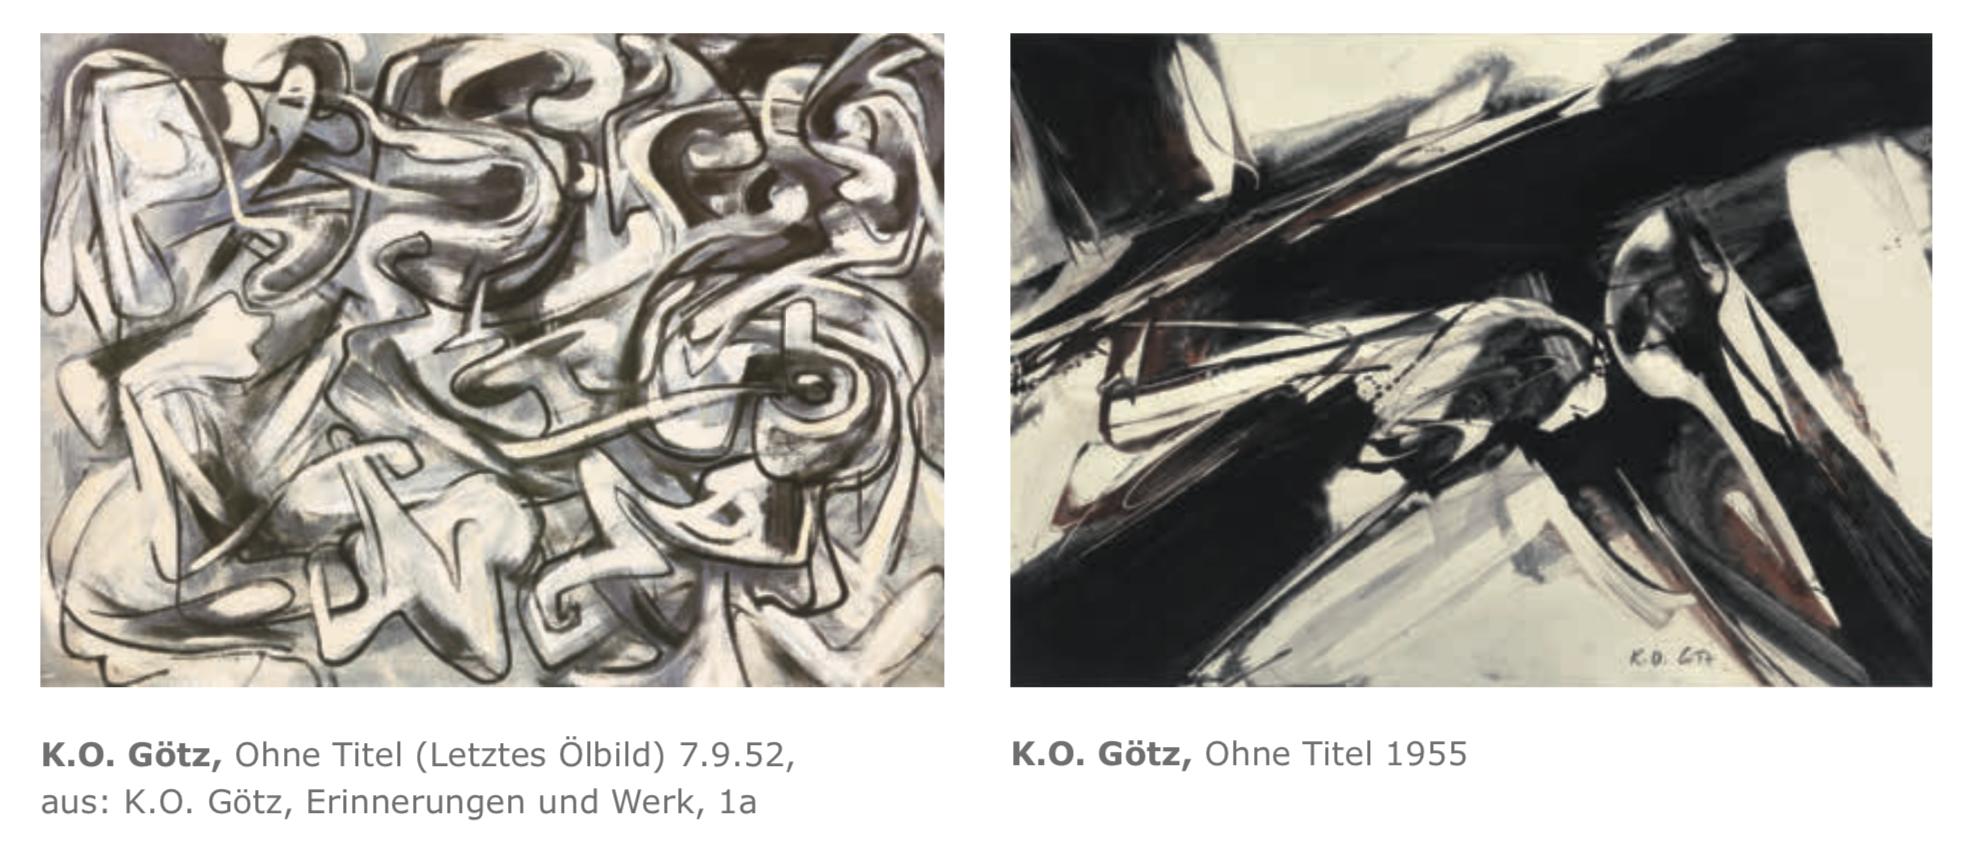 Galerie Maulberger K.O. Goetz Publikation Zeitzeugen Seite 118